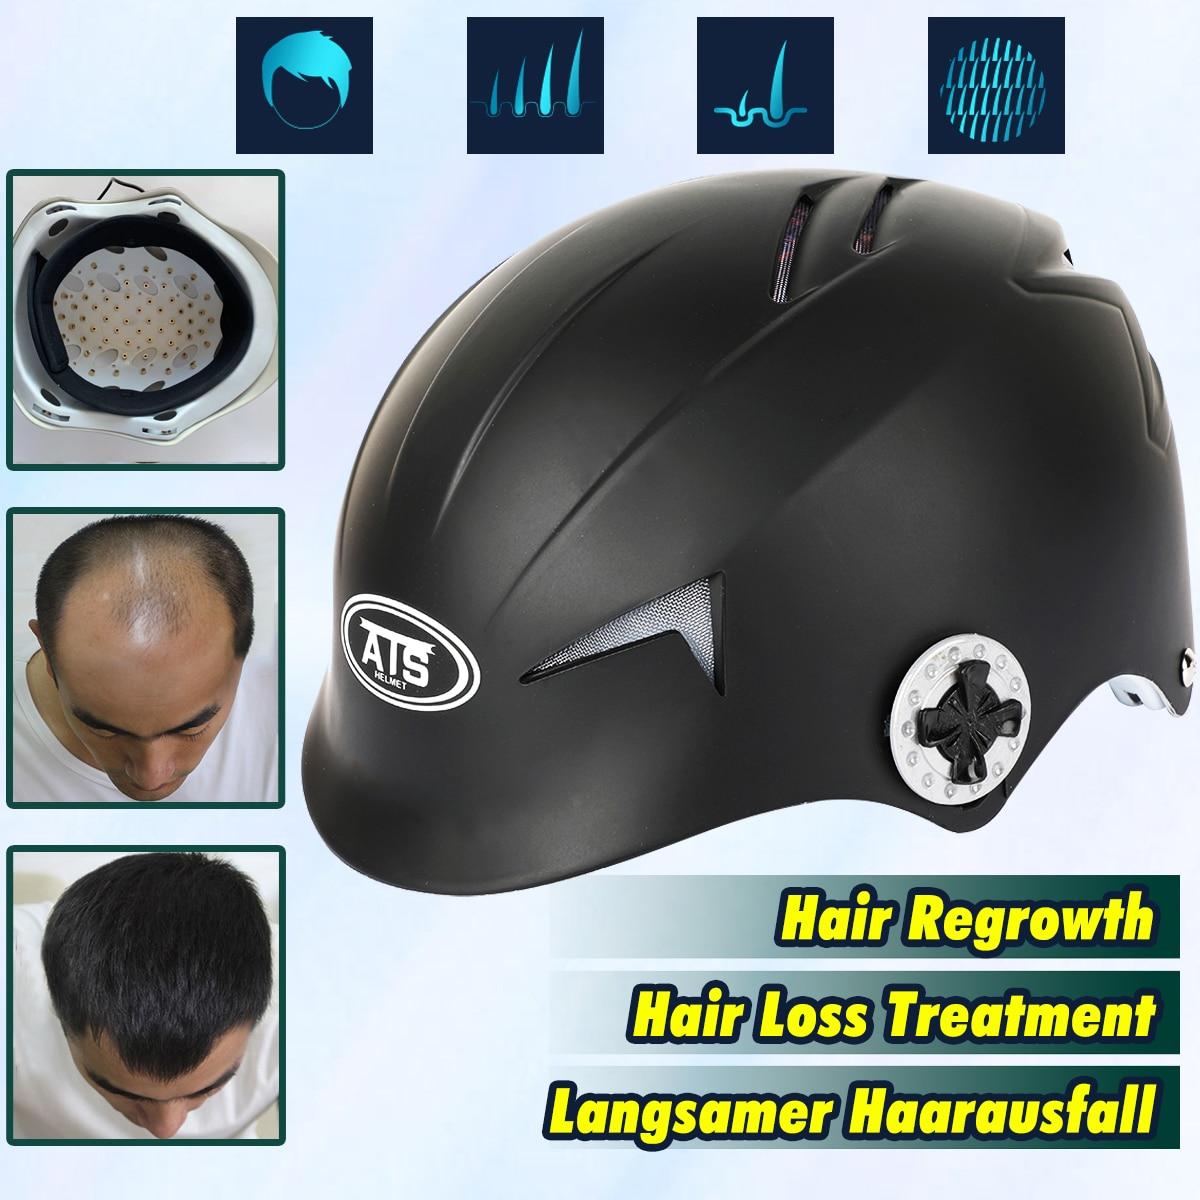 64 Diodes Capuchon Laser Traitement De Perte De Cheveux Repousse Des Cheveux Promoteur Bâtiment Fibers Bouchon